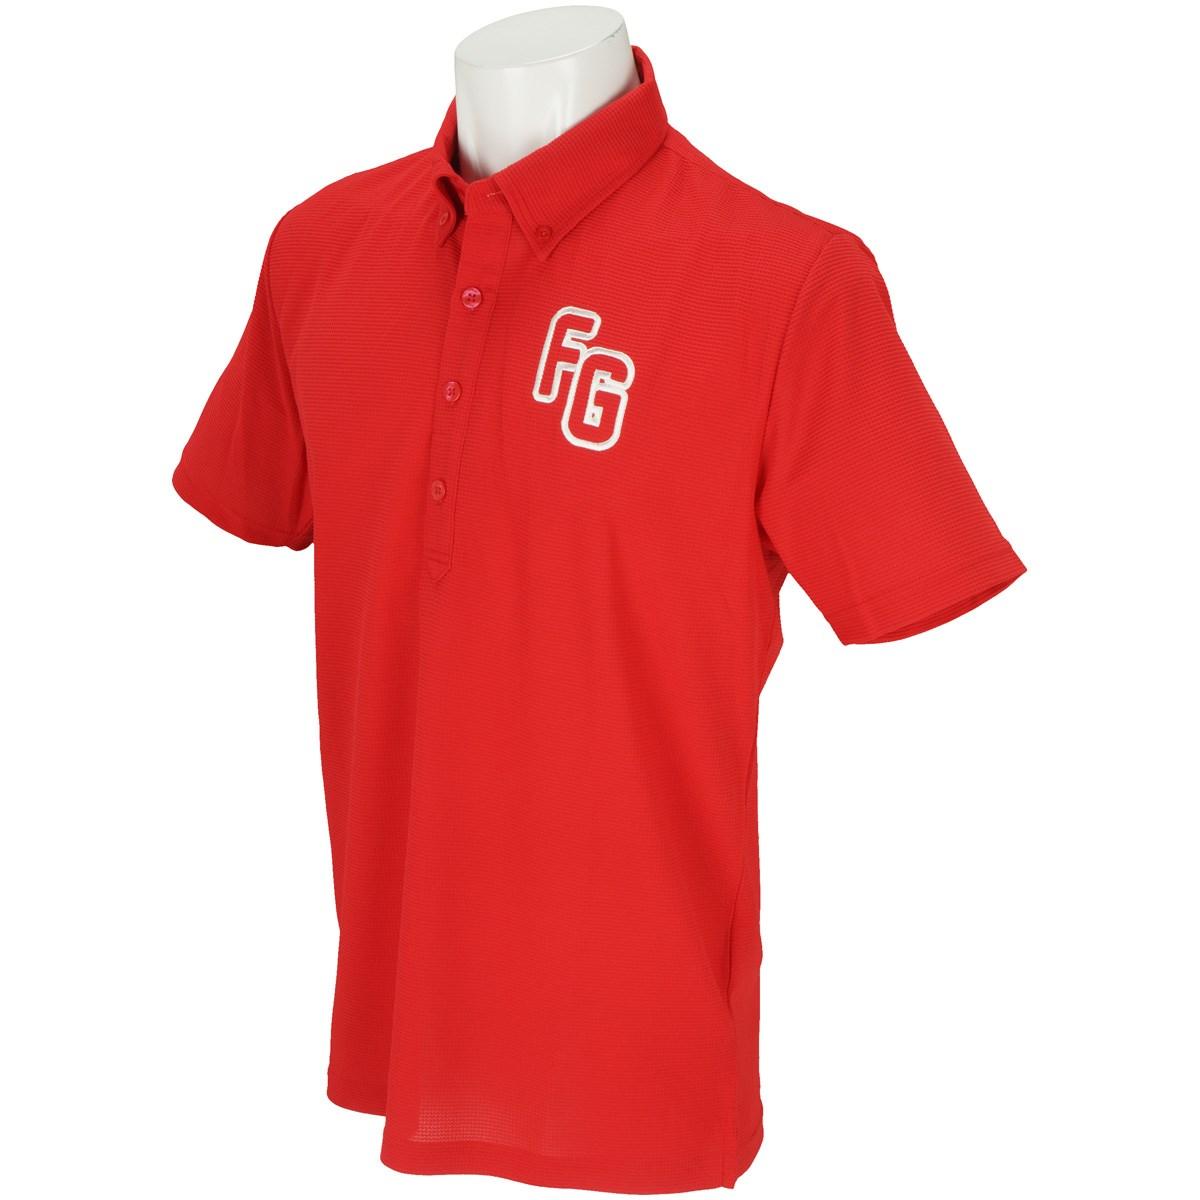 フィラ(FILA) GDO限定 半袖ポロシャツ